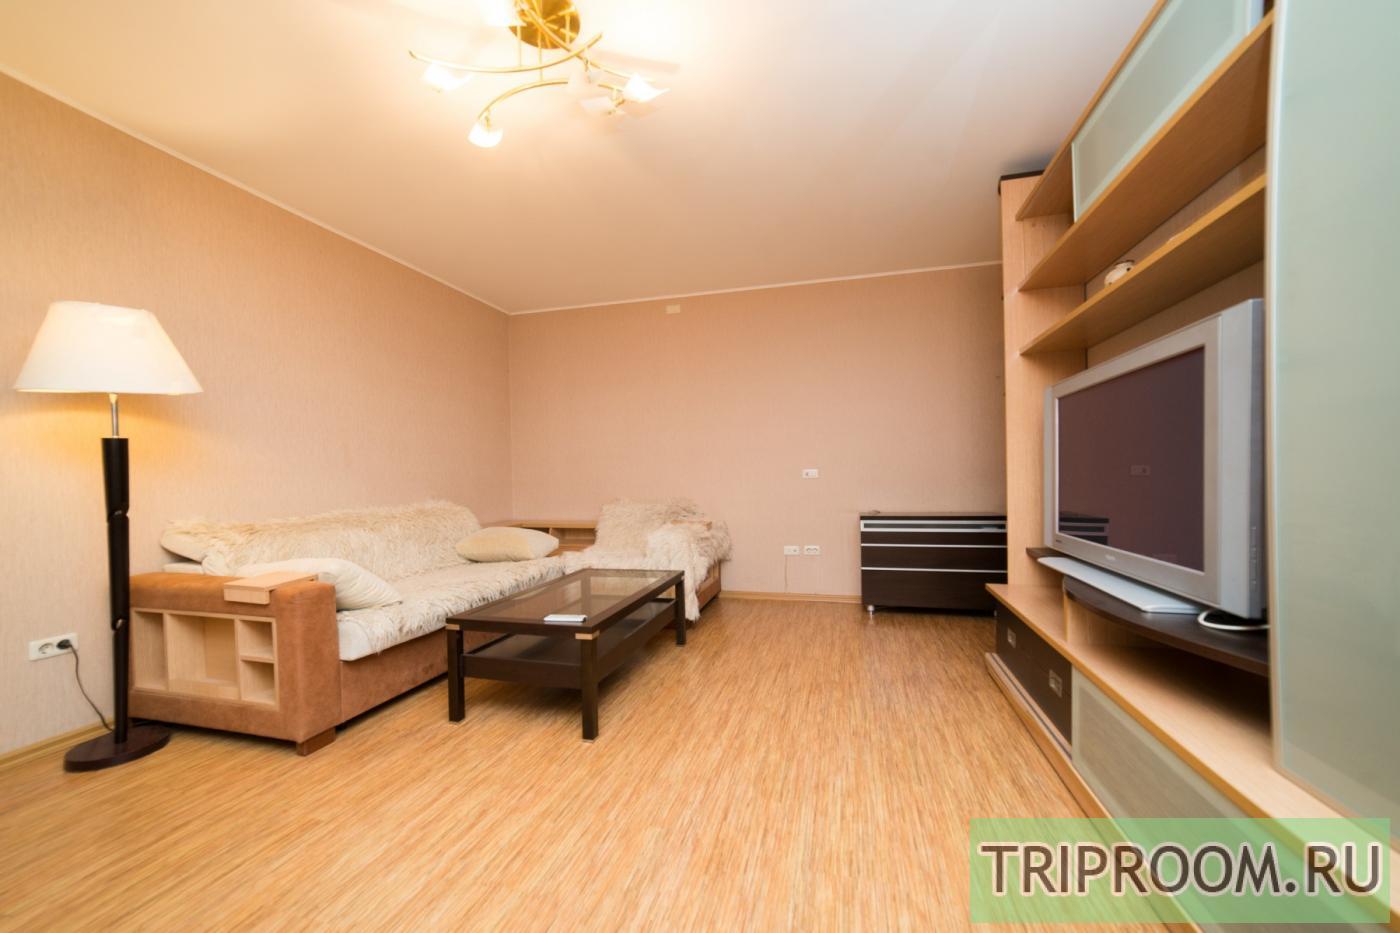 2-комнатная квартира посуточно (вариант № 27140), ул. Ленина улица, фото № 6